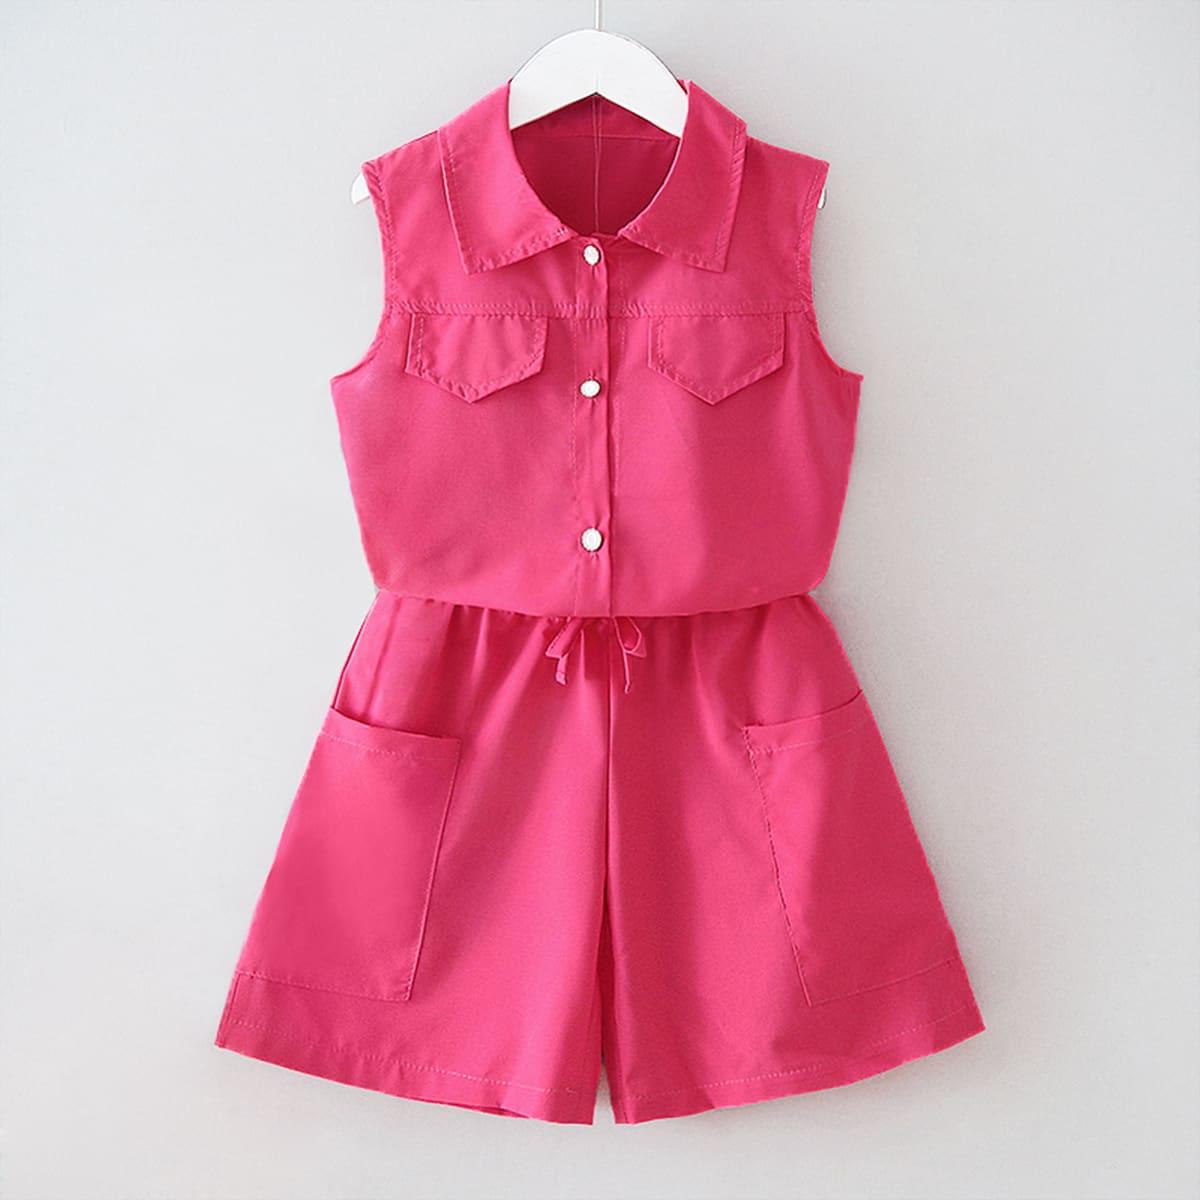 SHEIN / Heißes Pink Taschen  Einfarbig Lässig Mädchen Zweiteilige Outfits